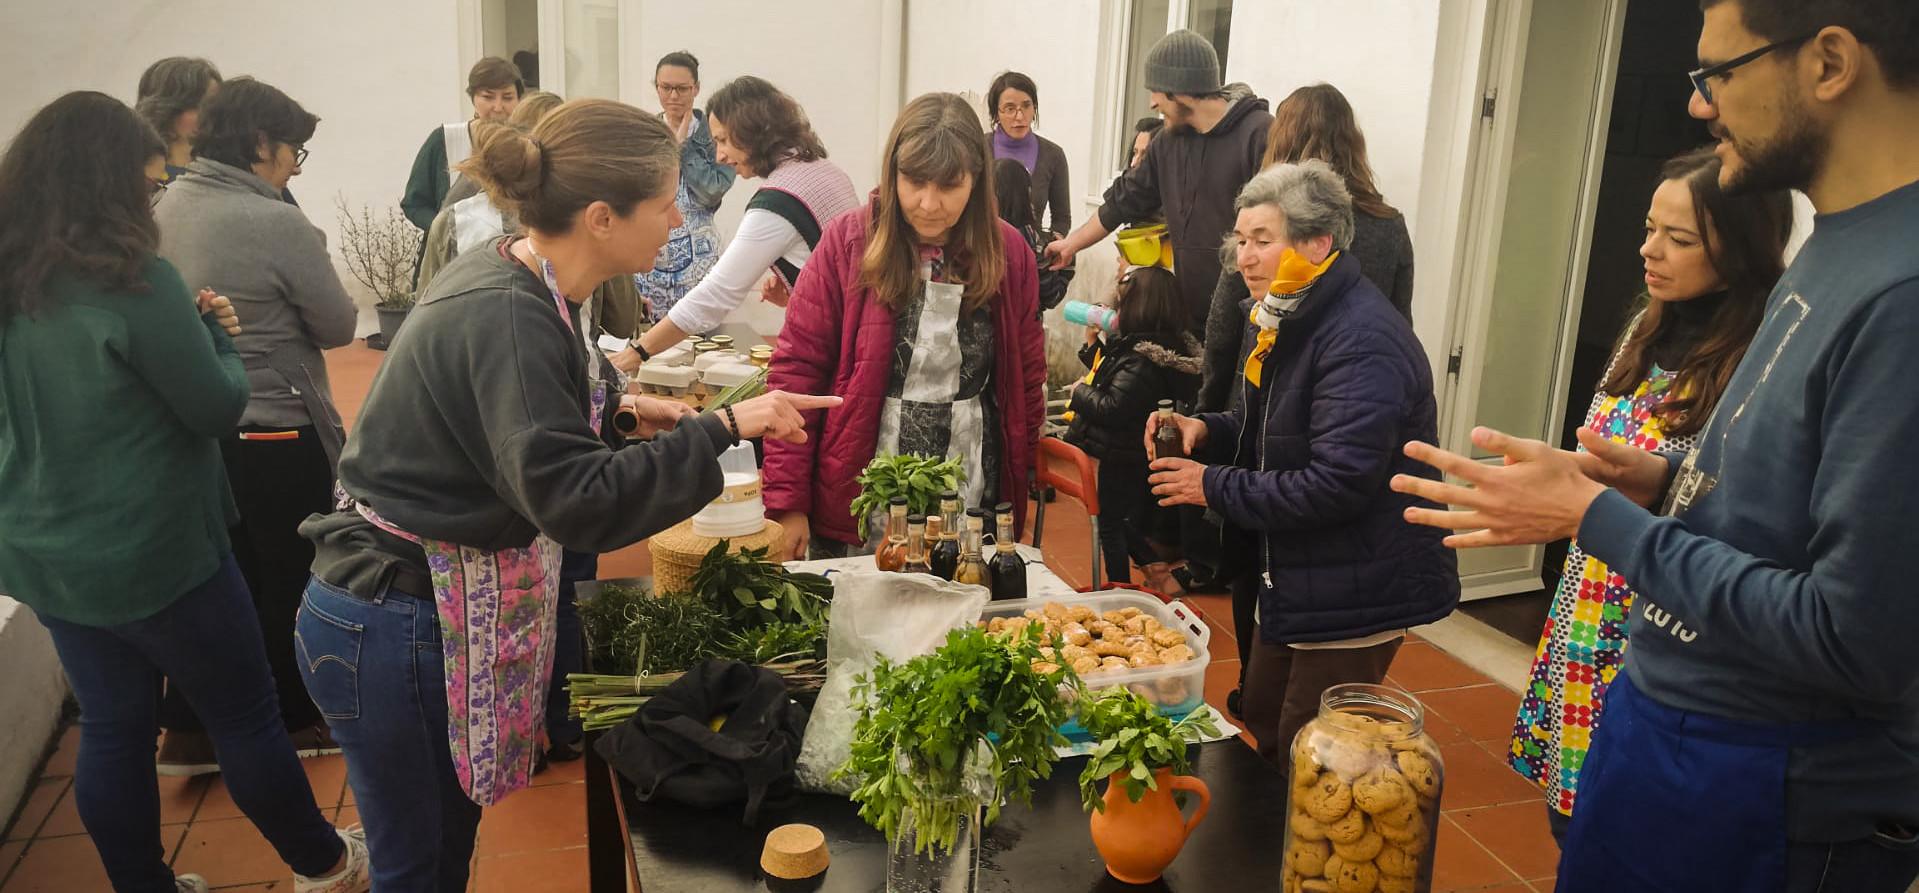 mercado pequenos produtores